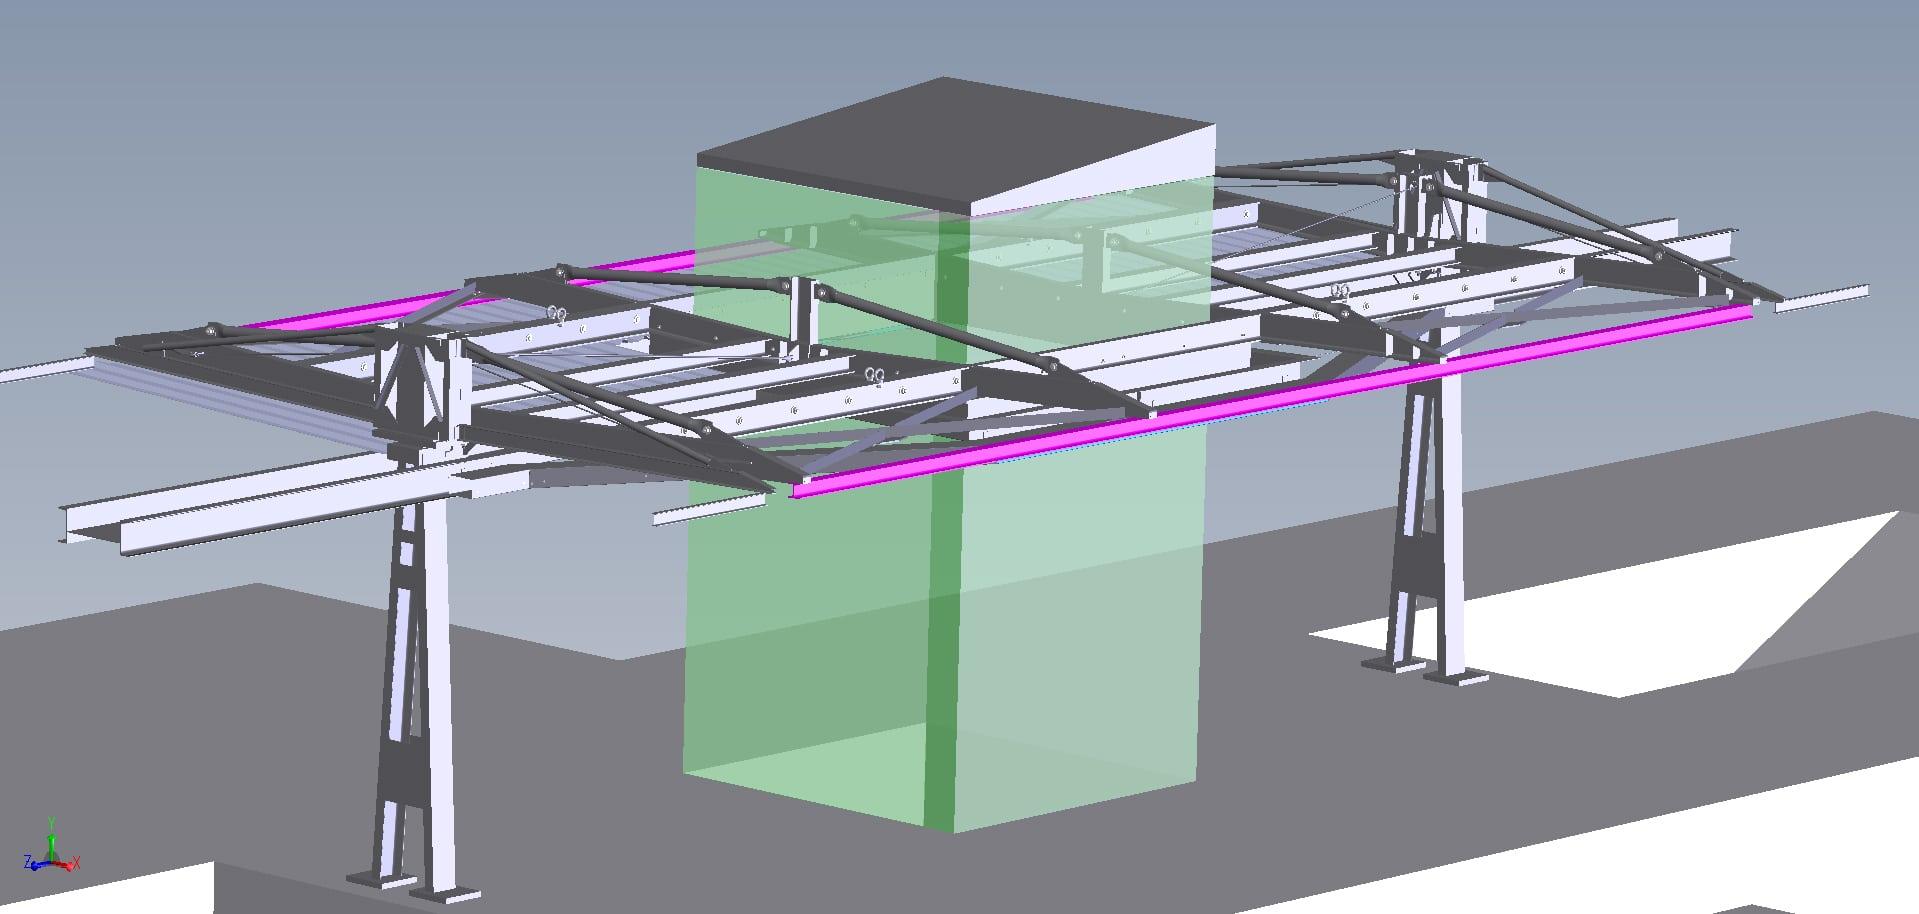 Abris de quai de gare intégrant un ascenseur<br>Conception/dimensionnement/dossier d'exé